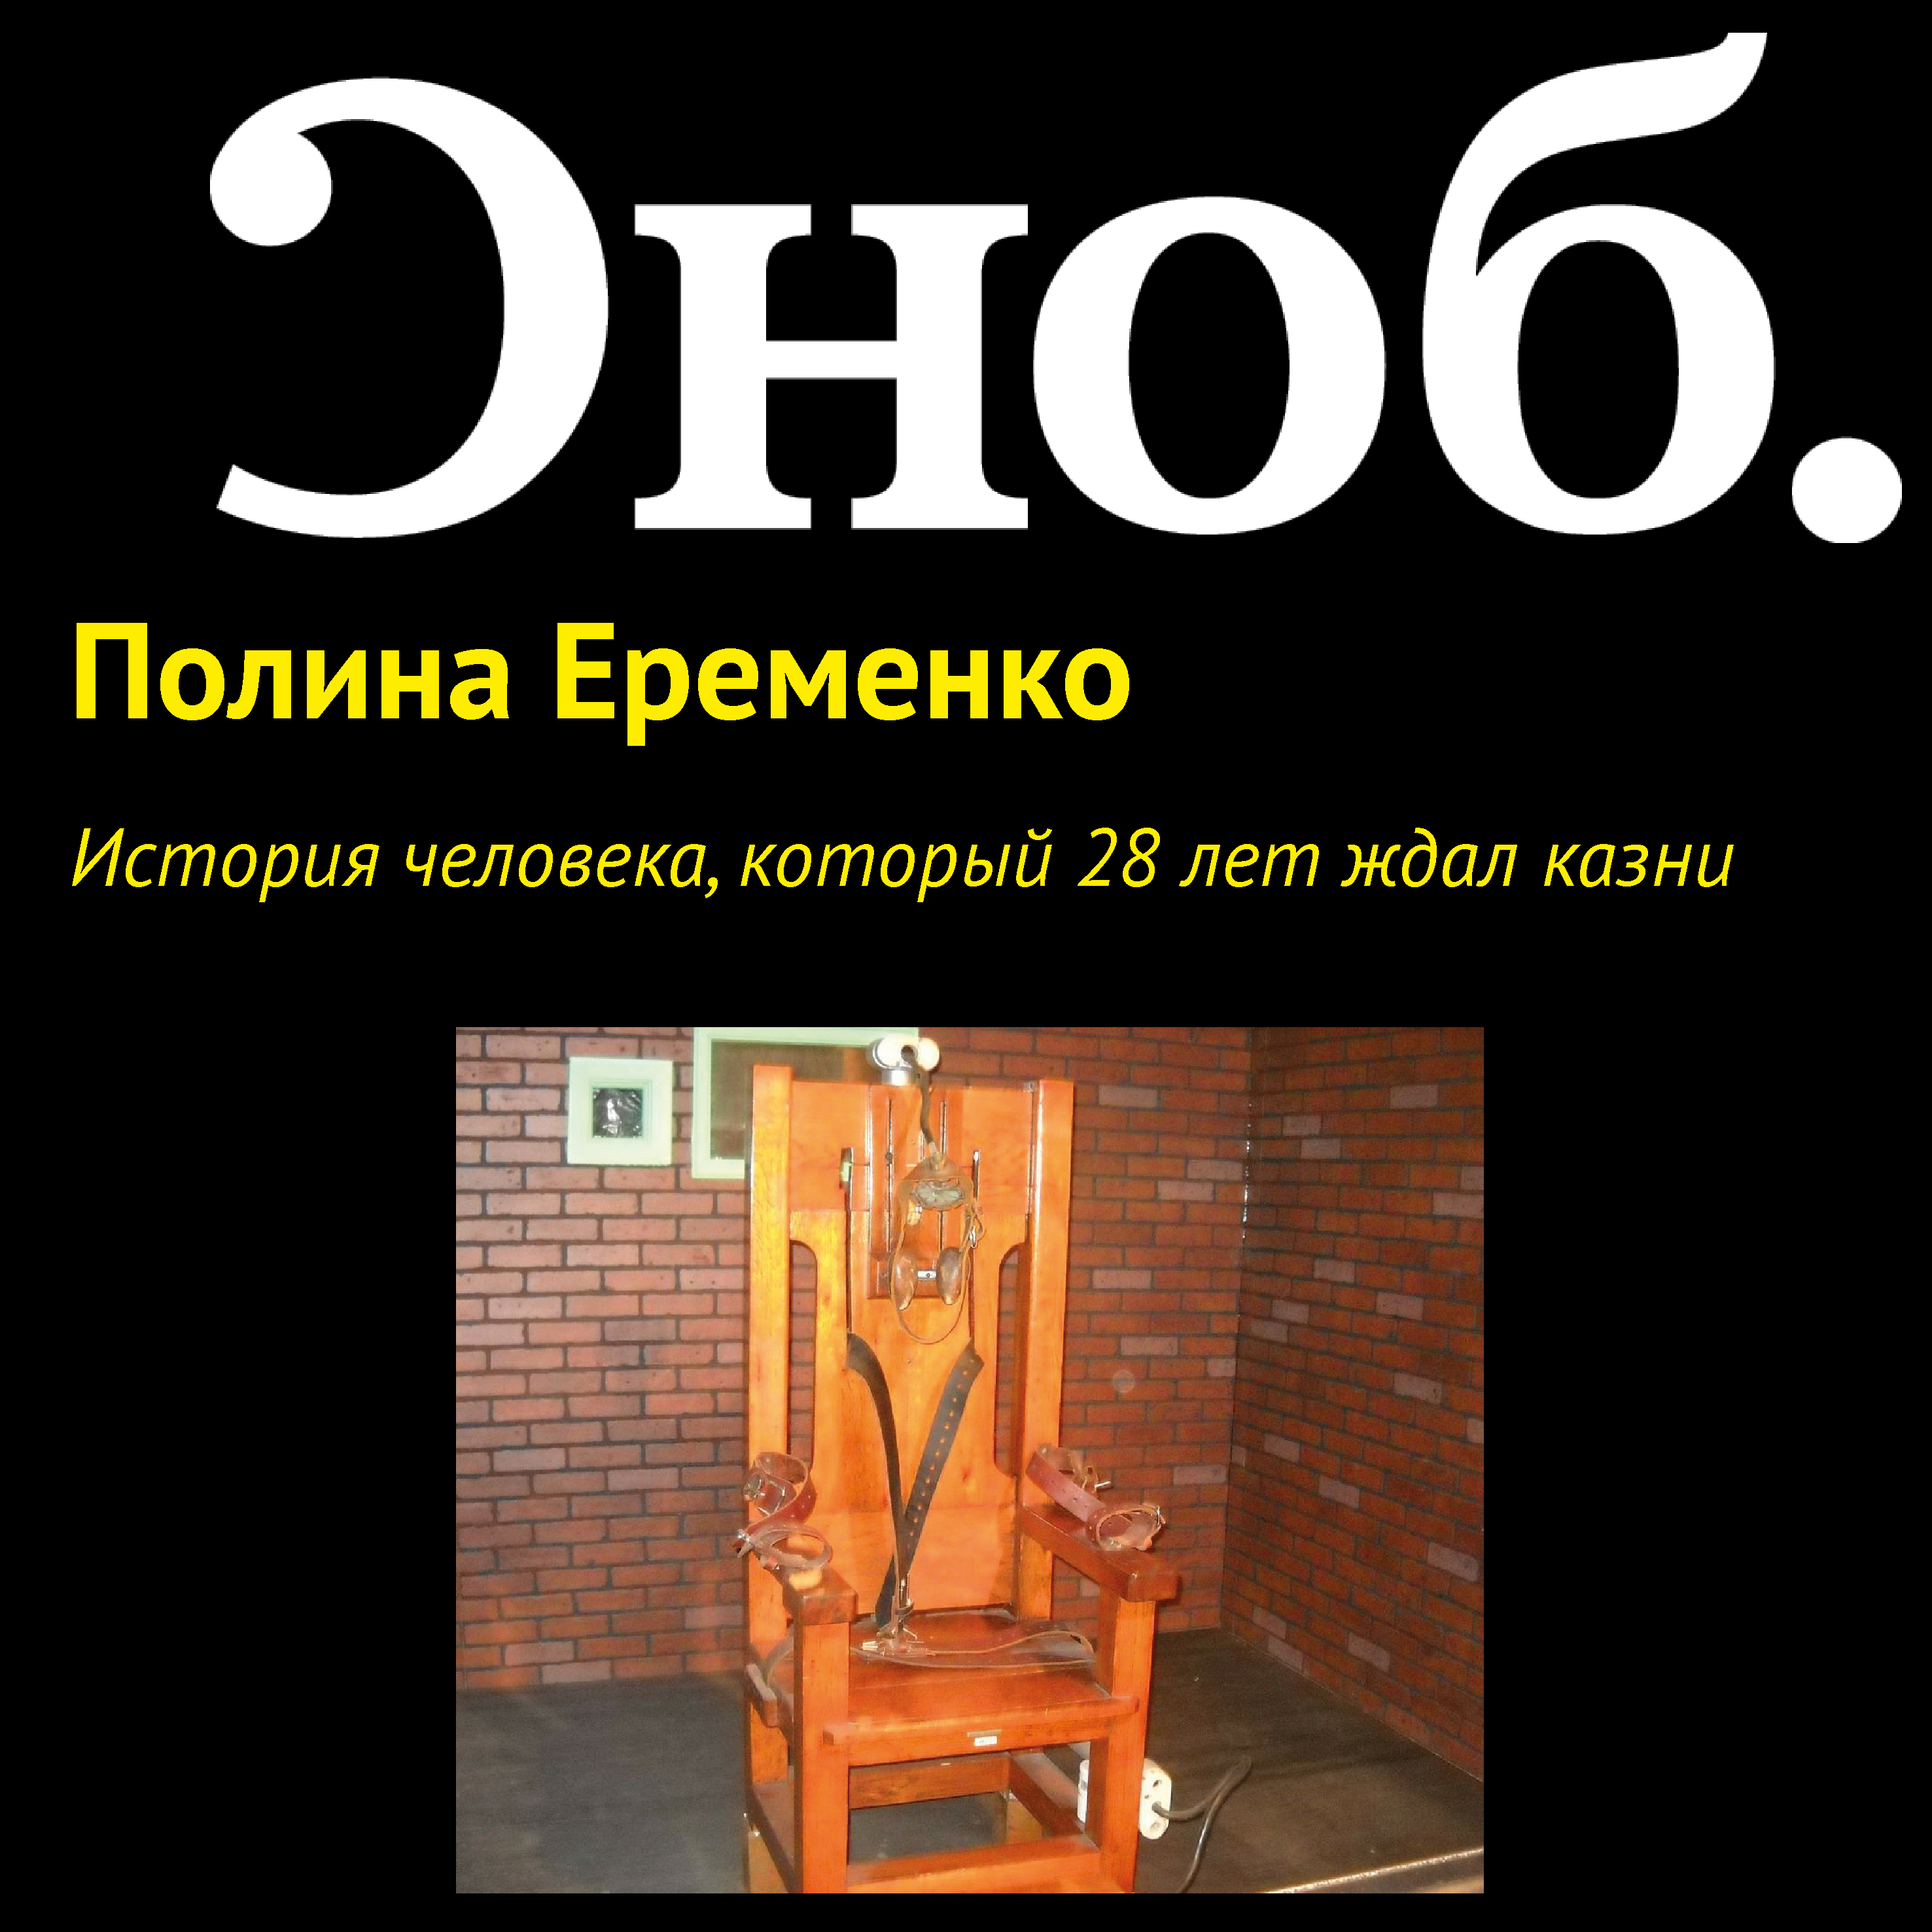 Полина Еременко История человека, который 28 лет ждал казни